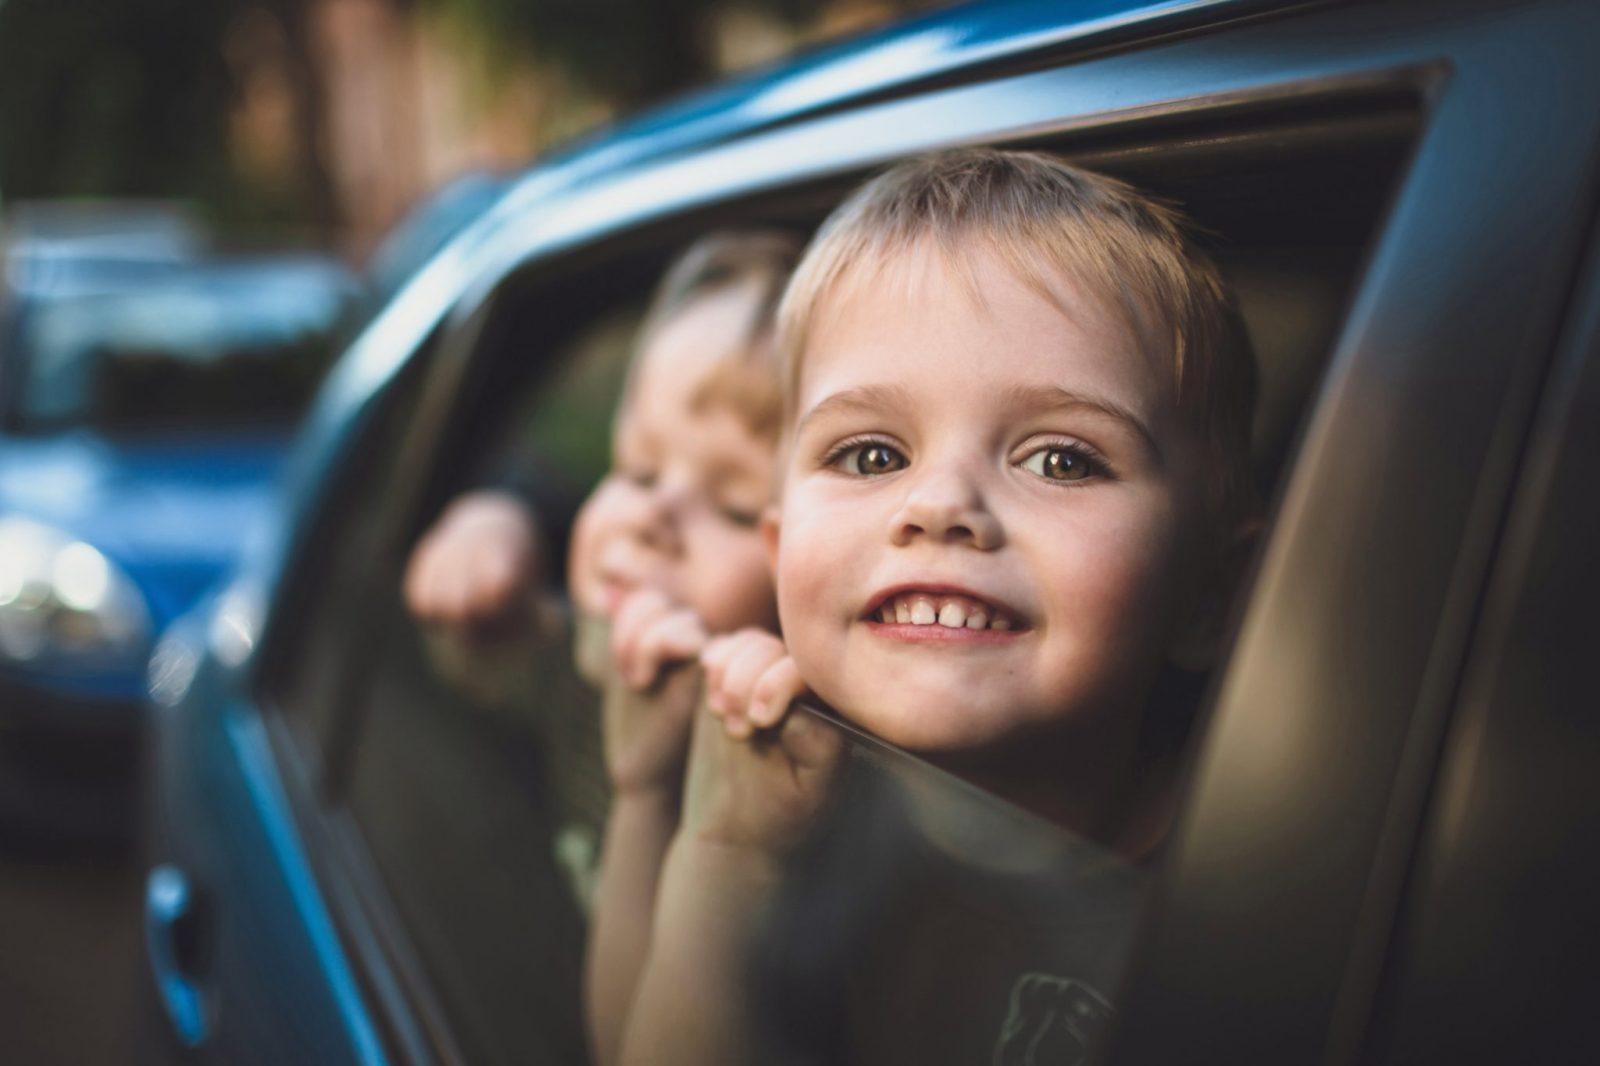 Długa podróż samochodem zmałym dzieckiem – jak się przygotować?